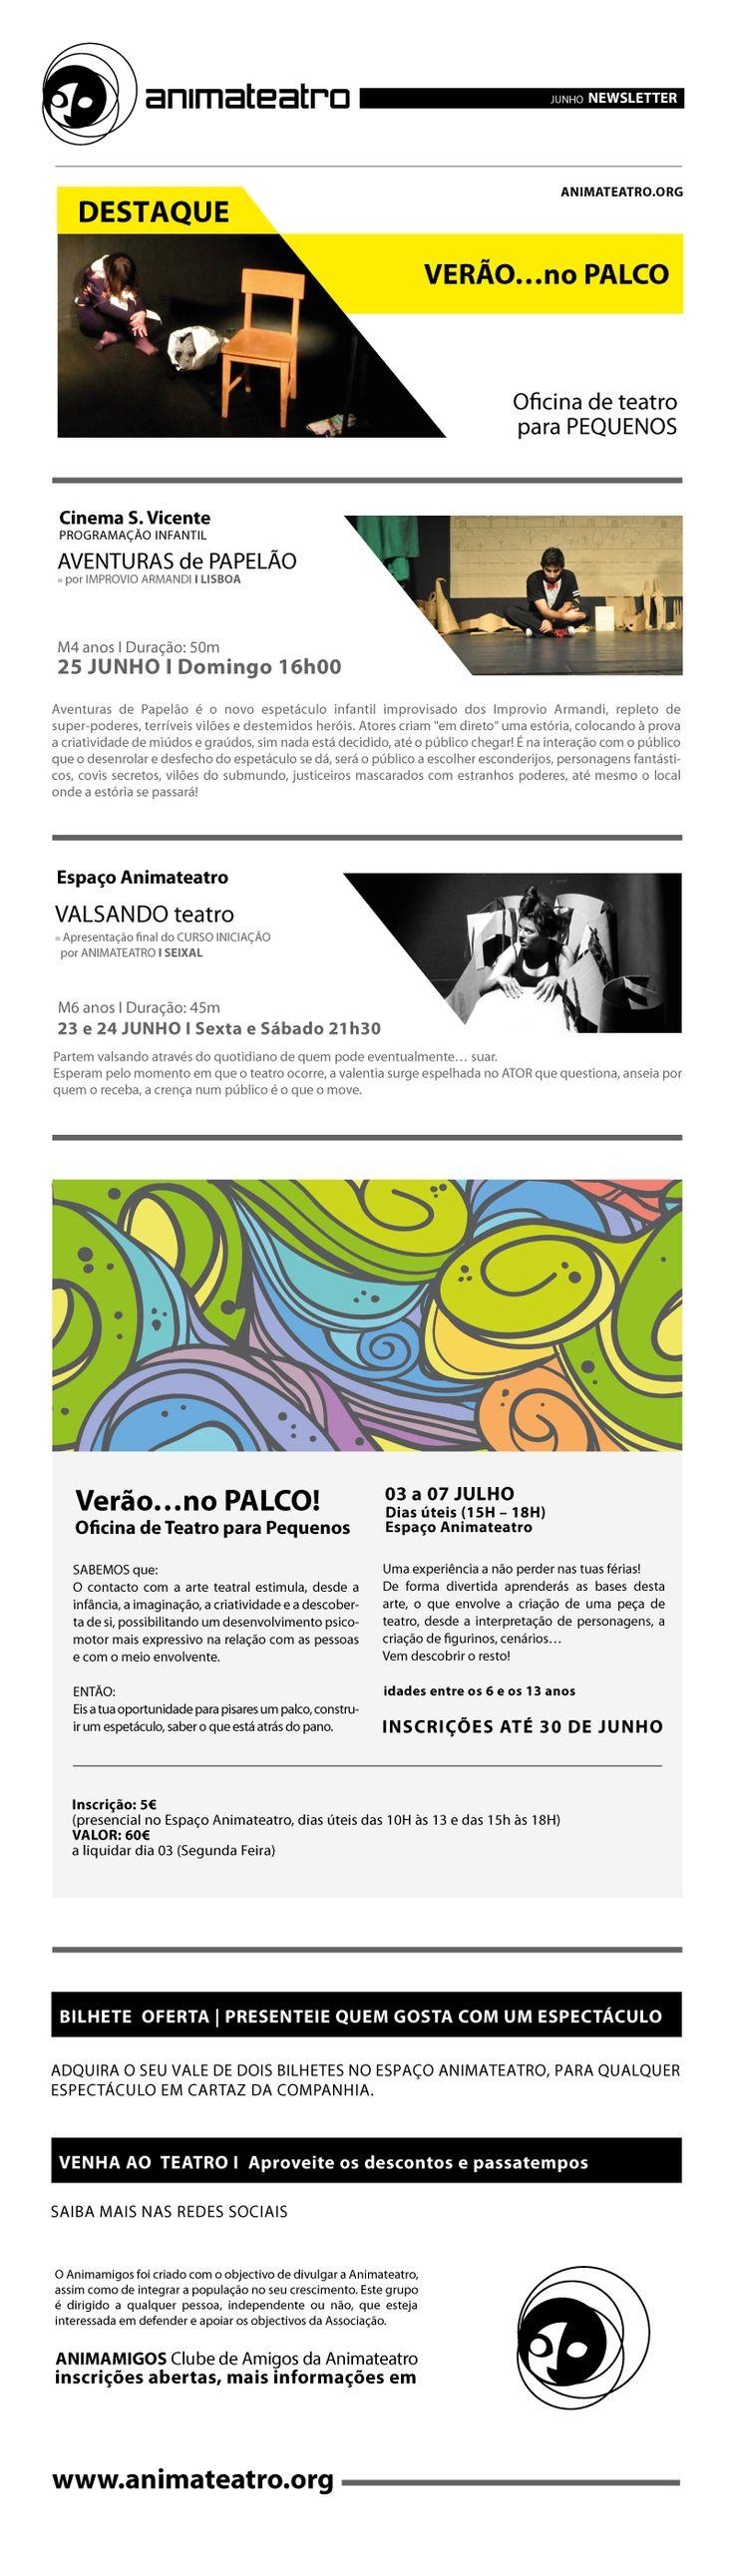 JUNHO | verão... no palco! AVENTURAS de PAPELÃO | valsando teatro